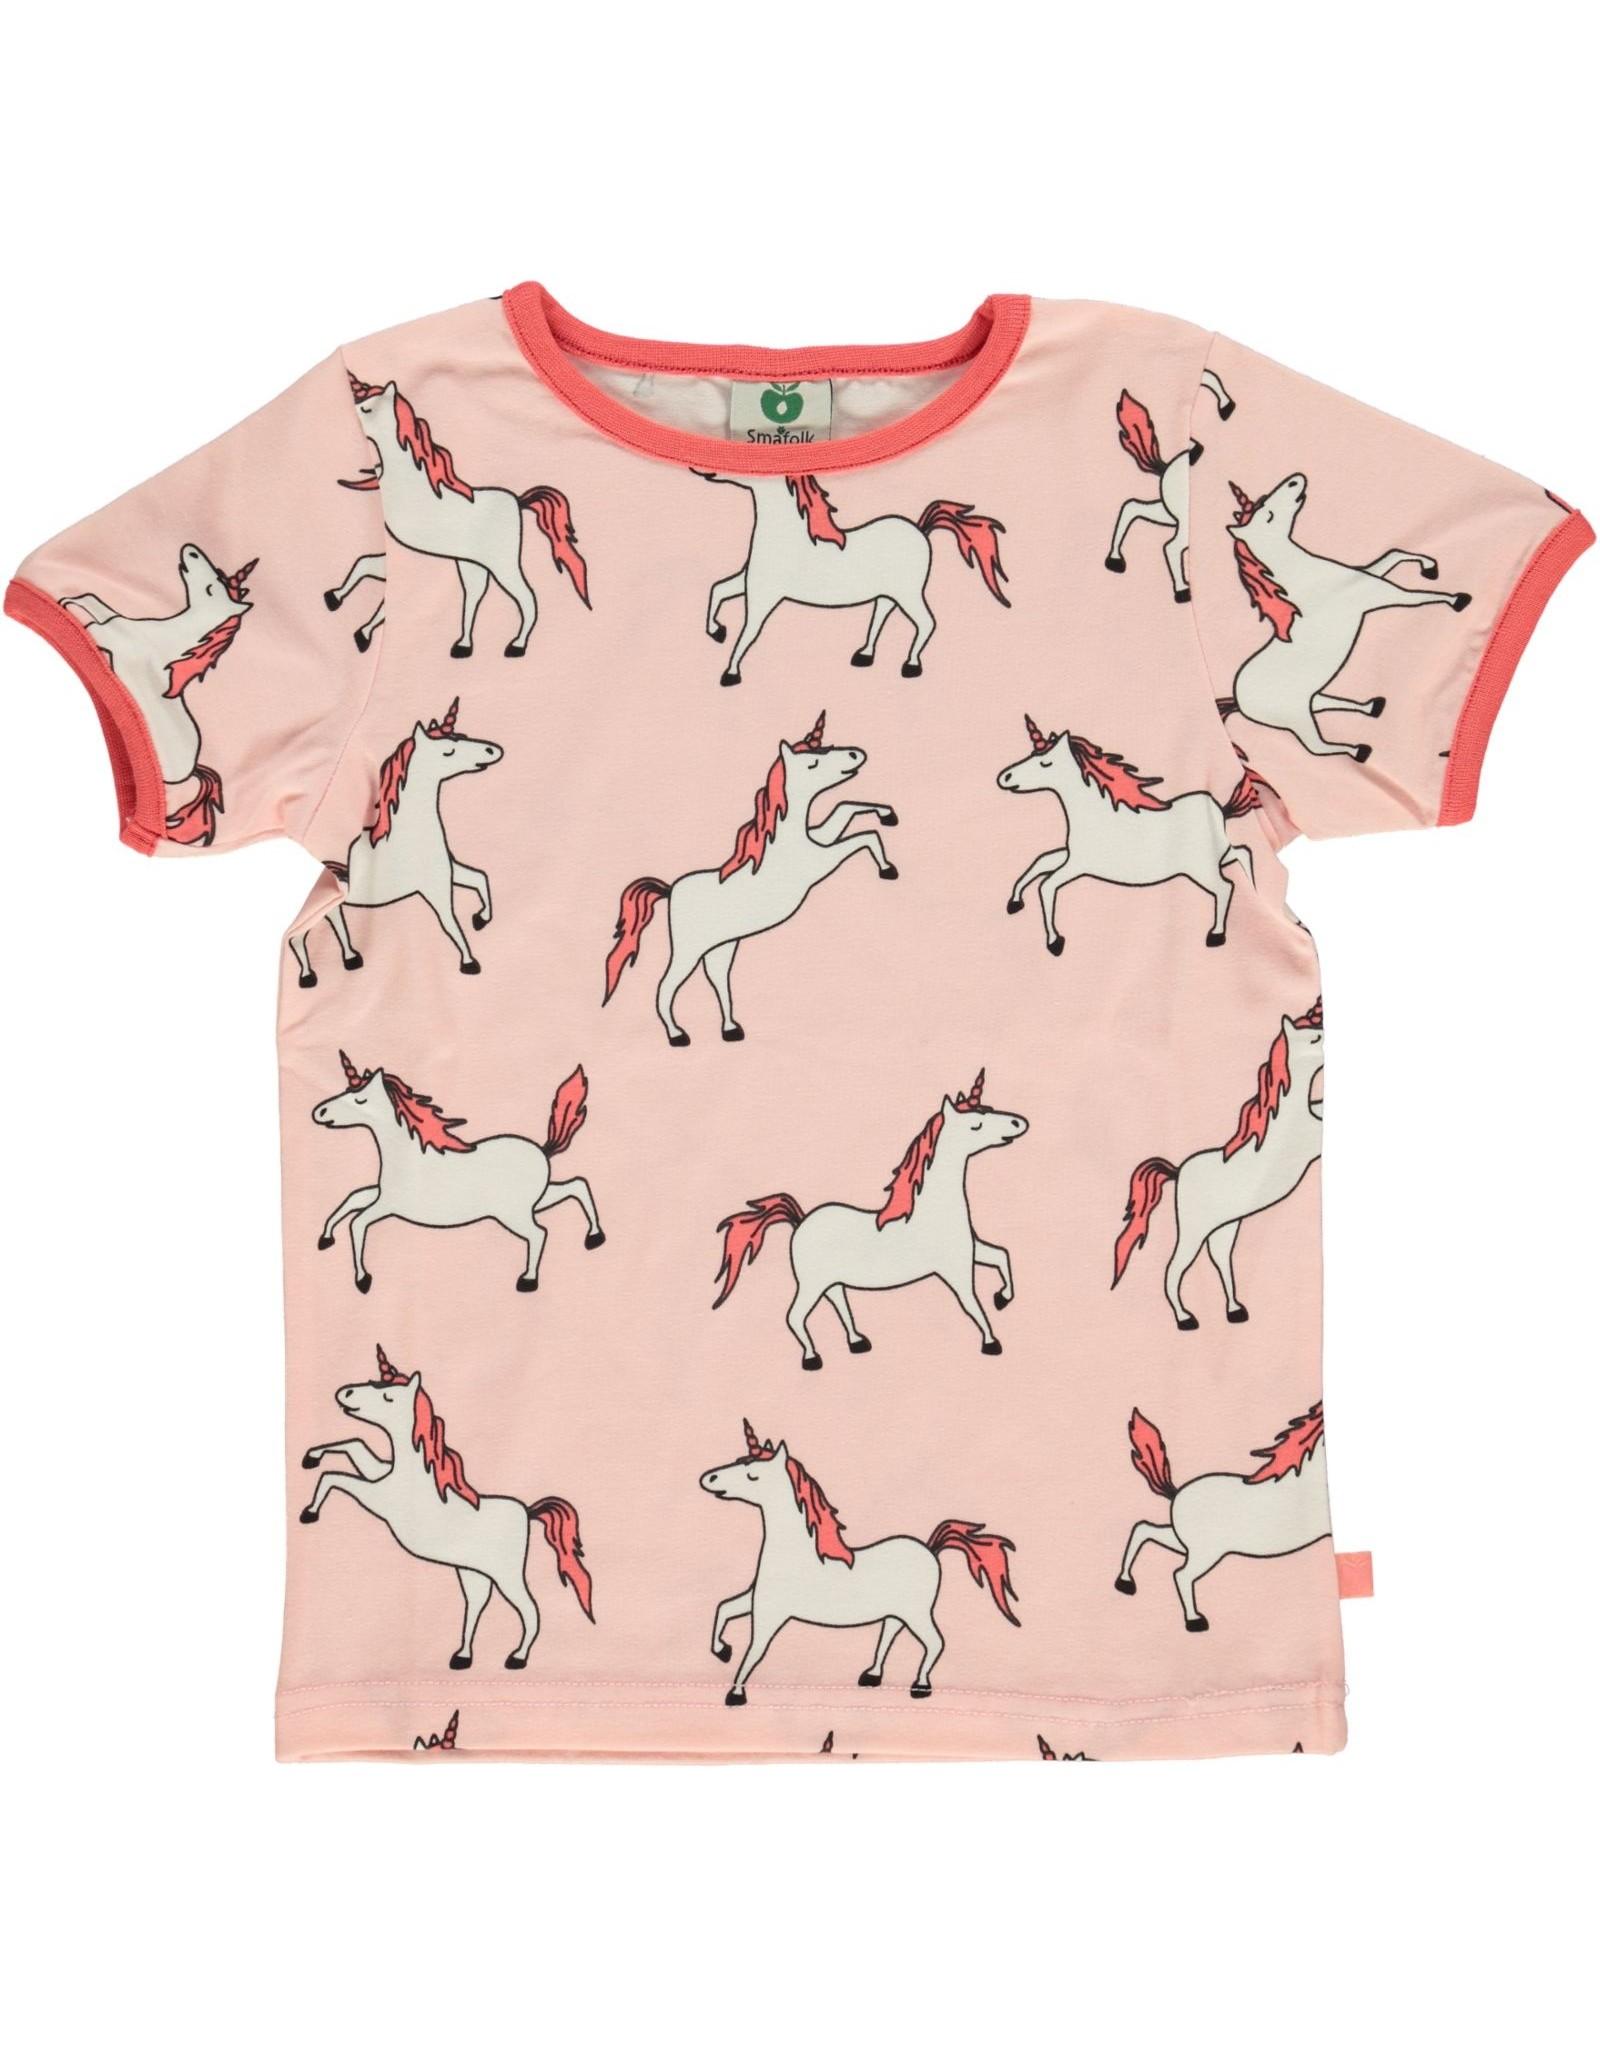 Smafolk Kids t-shirt - pink unicorns